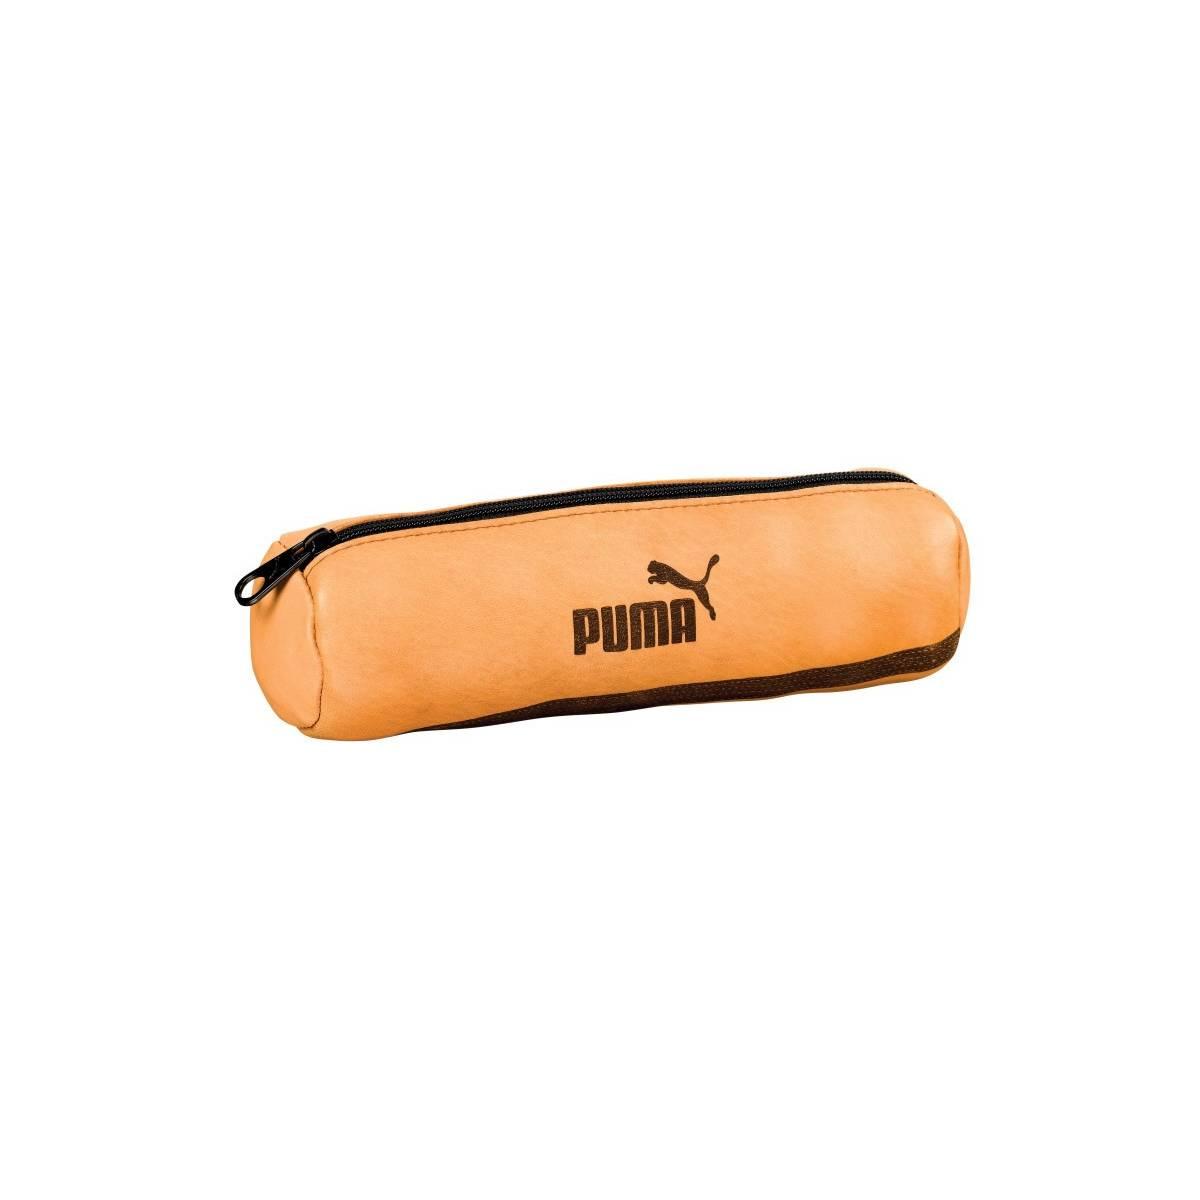 Trousse ronde scolaire PUMA cuir - 22 x 7